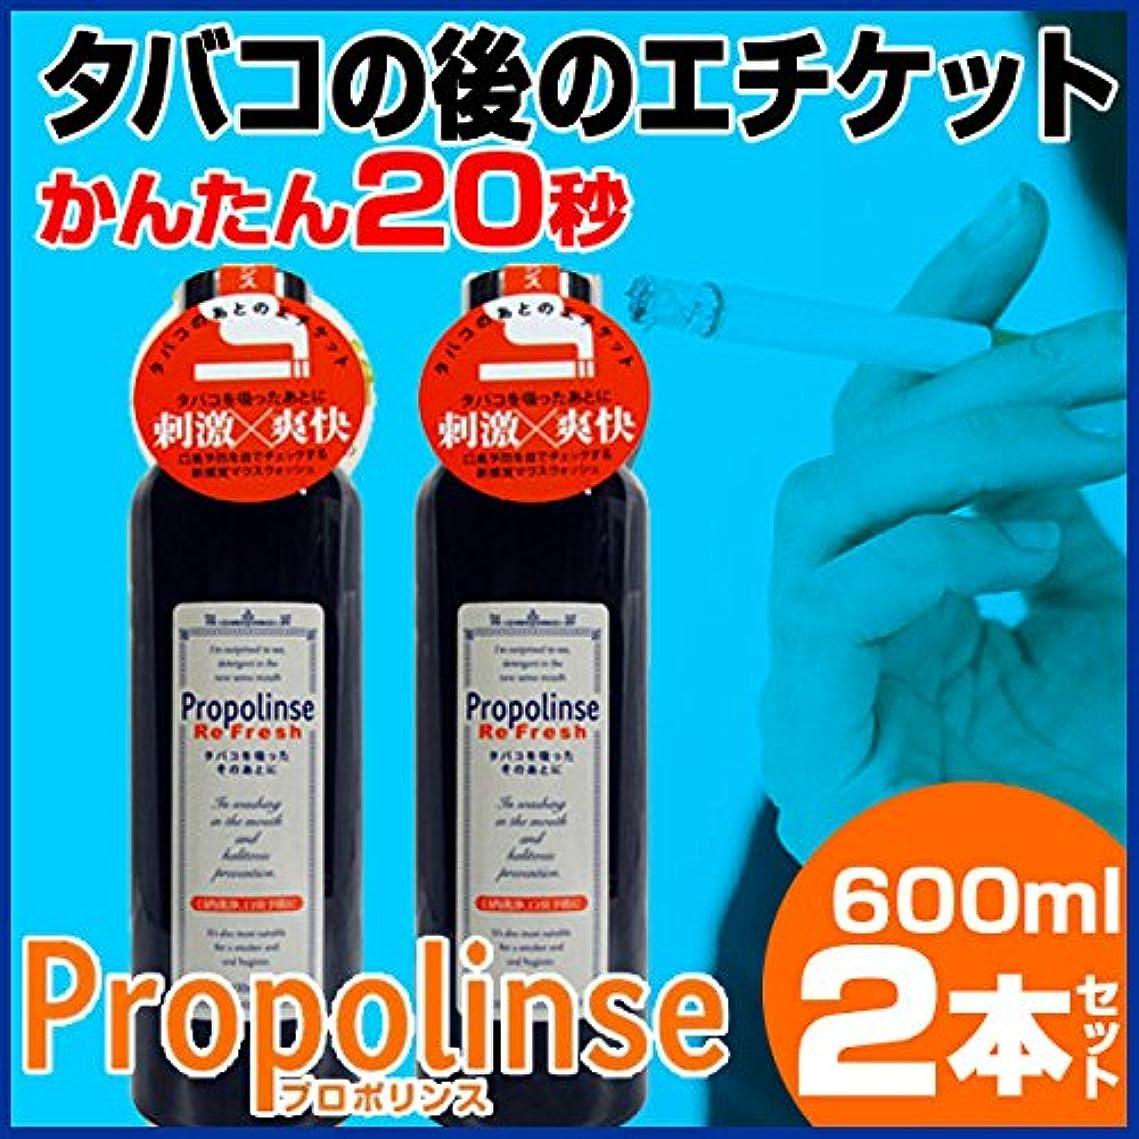 事務所クレーン最も早いプロポリンス リフレッシュ600ml【まとめ買い2個セット】